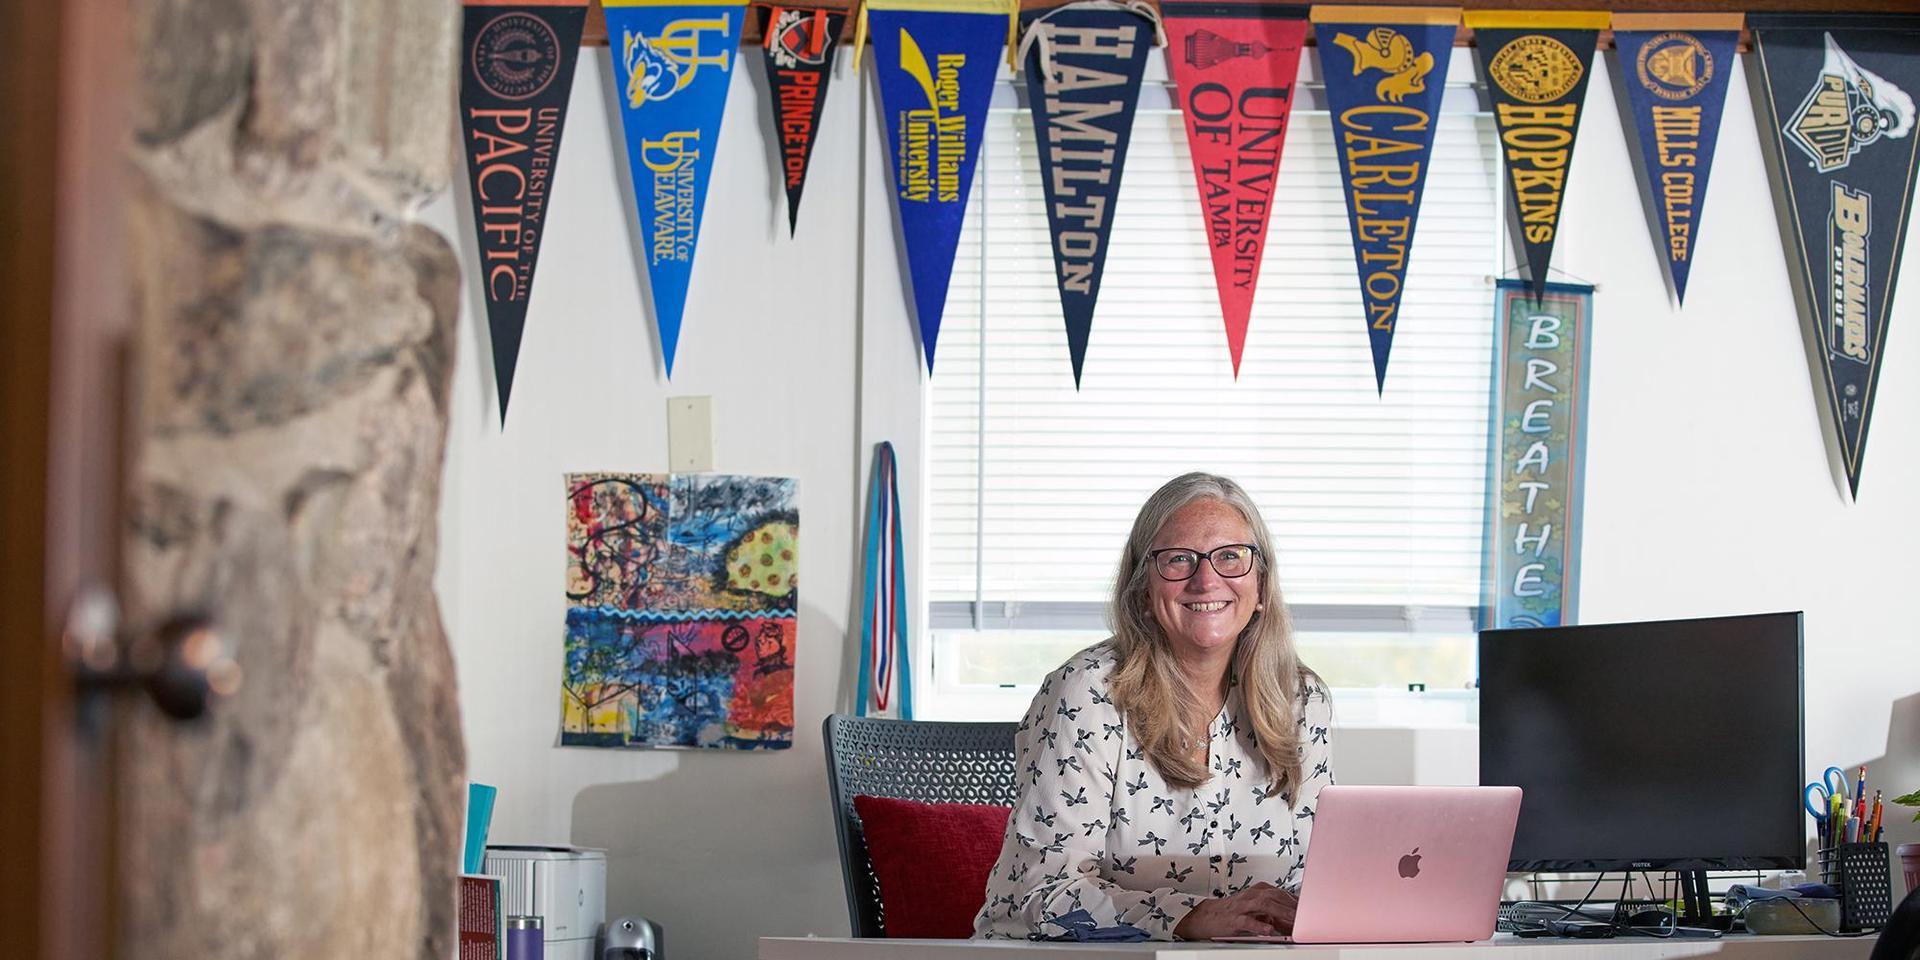 大学咨询主任芭芭拉·巴克利在她的办公室.